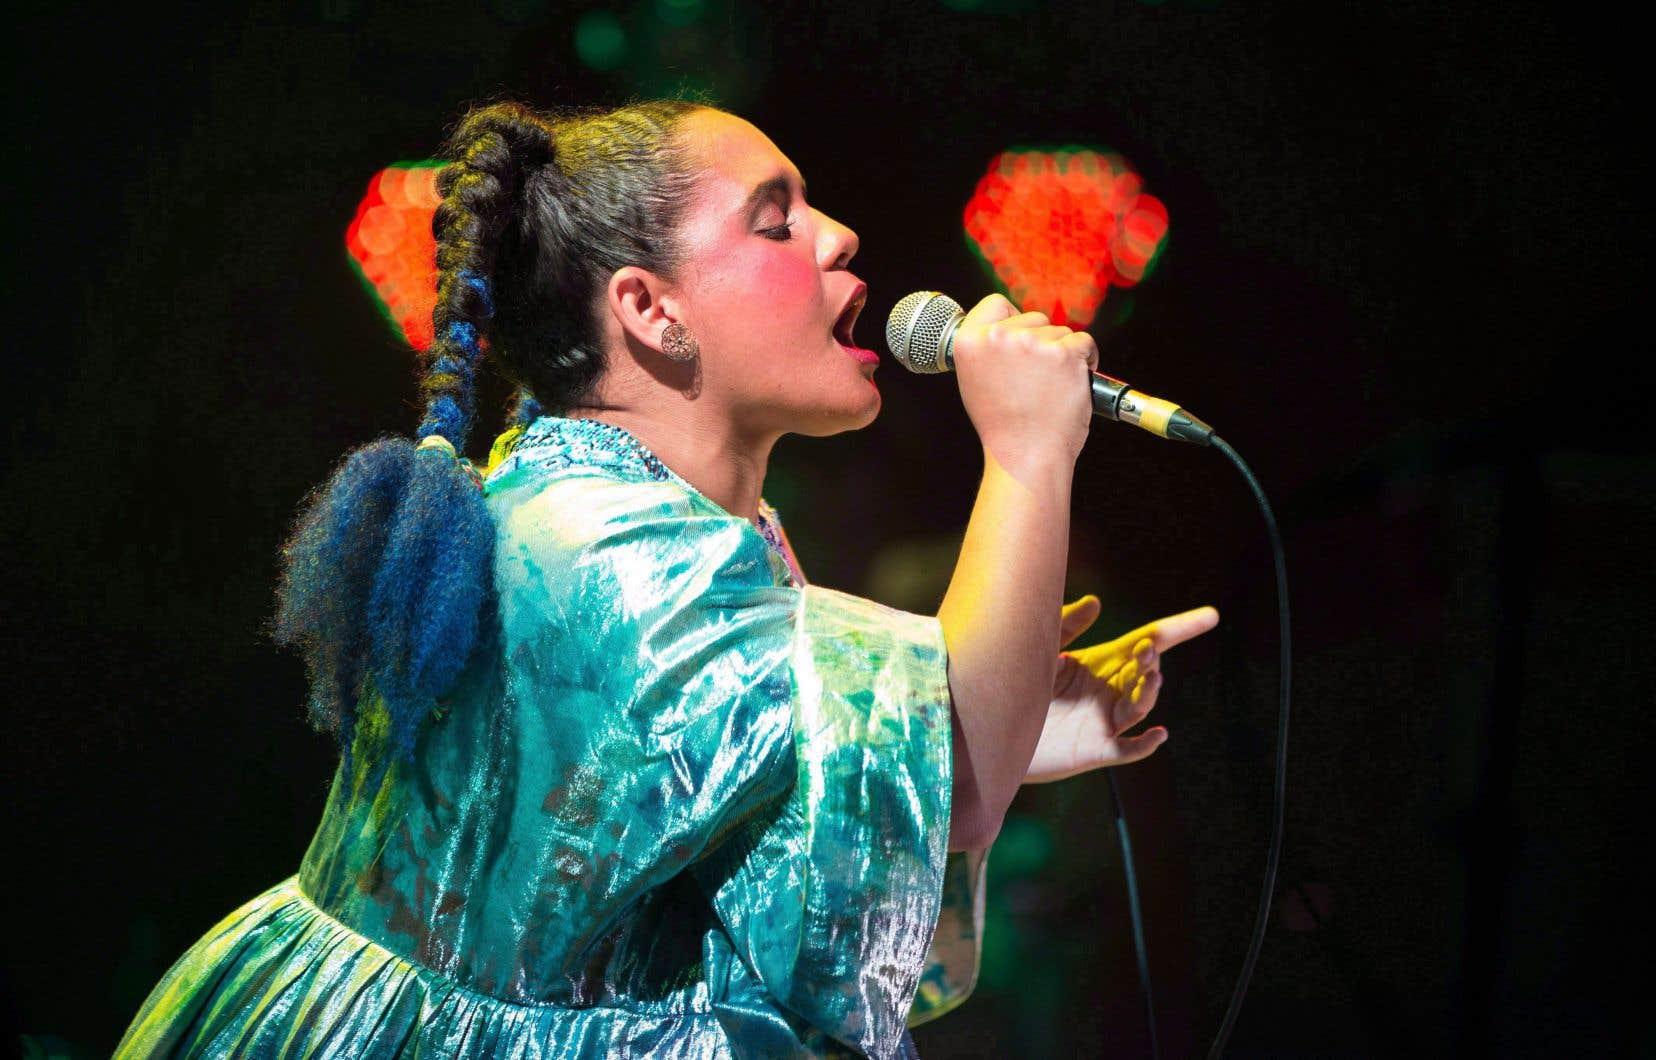 La chanteuse Lido Pimienta offre une musique électronique plongeant la pop synthétique dans la musique afro-colombienne, le tout chanté en espagnol.